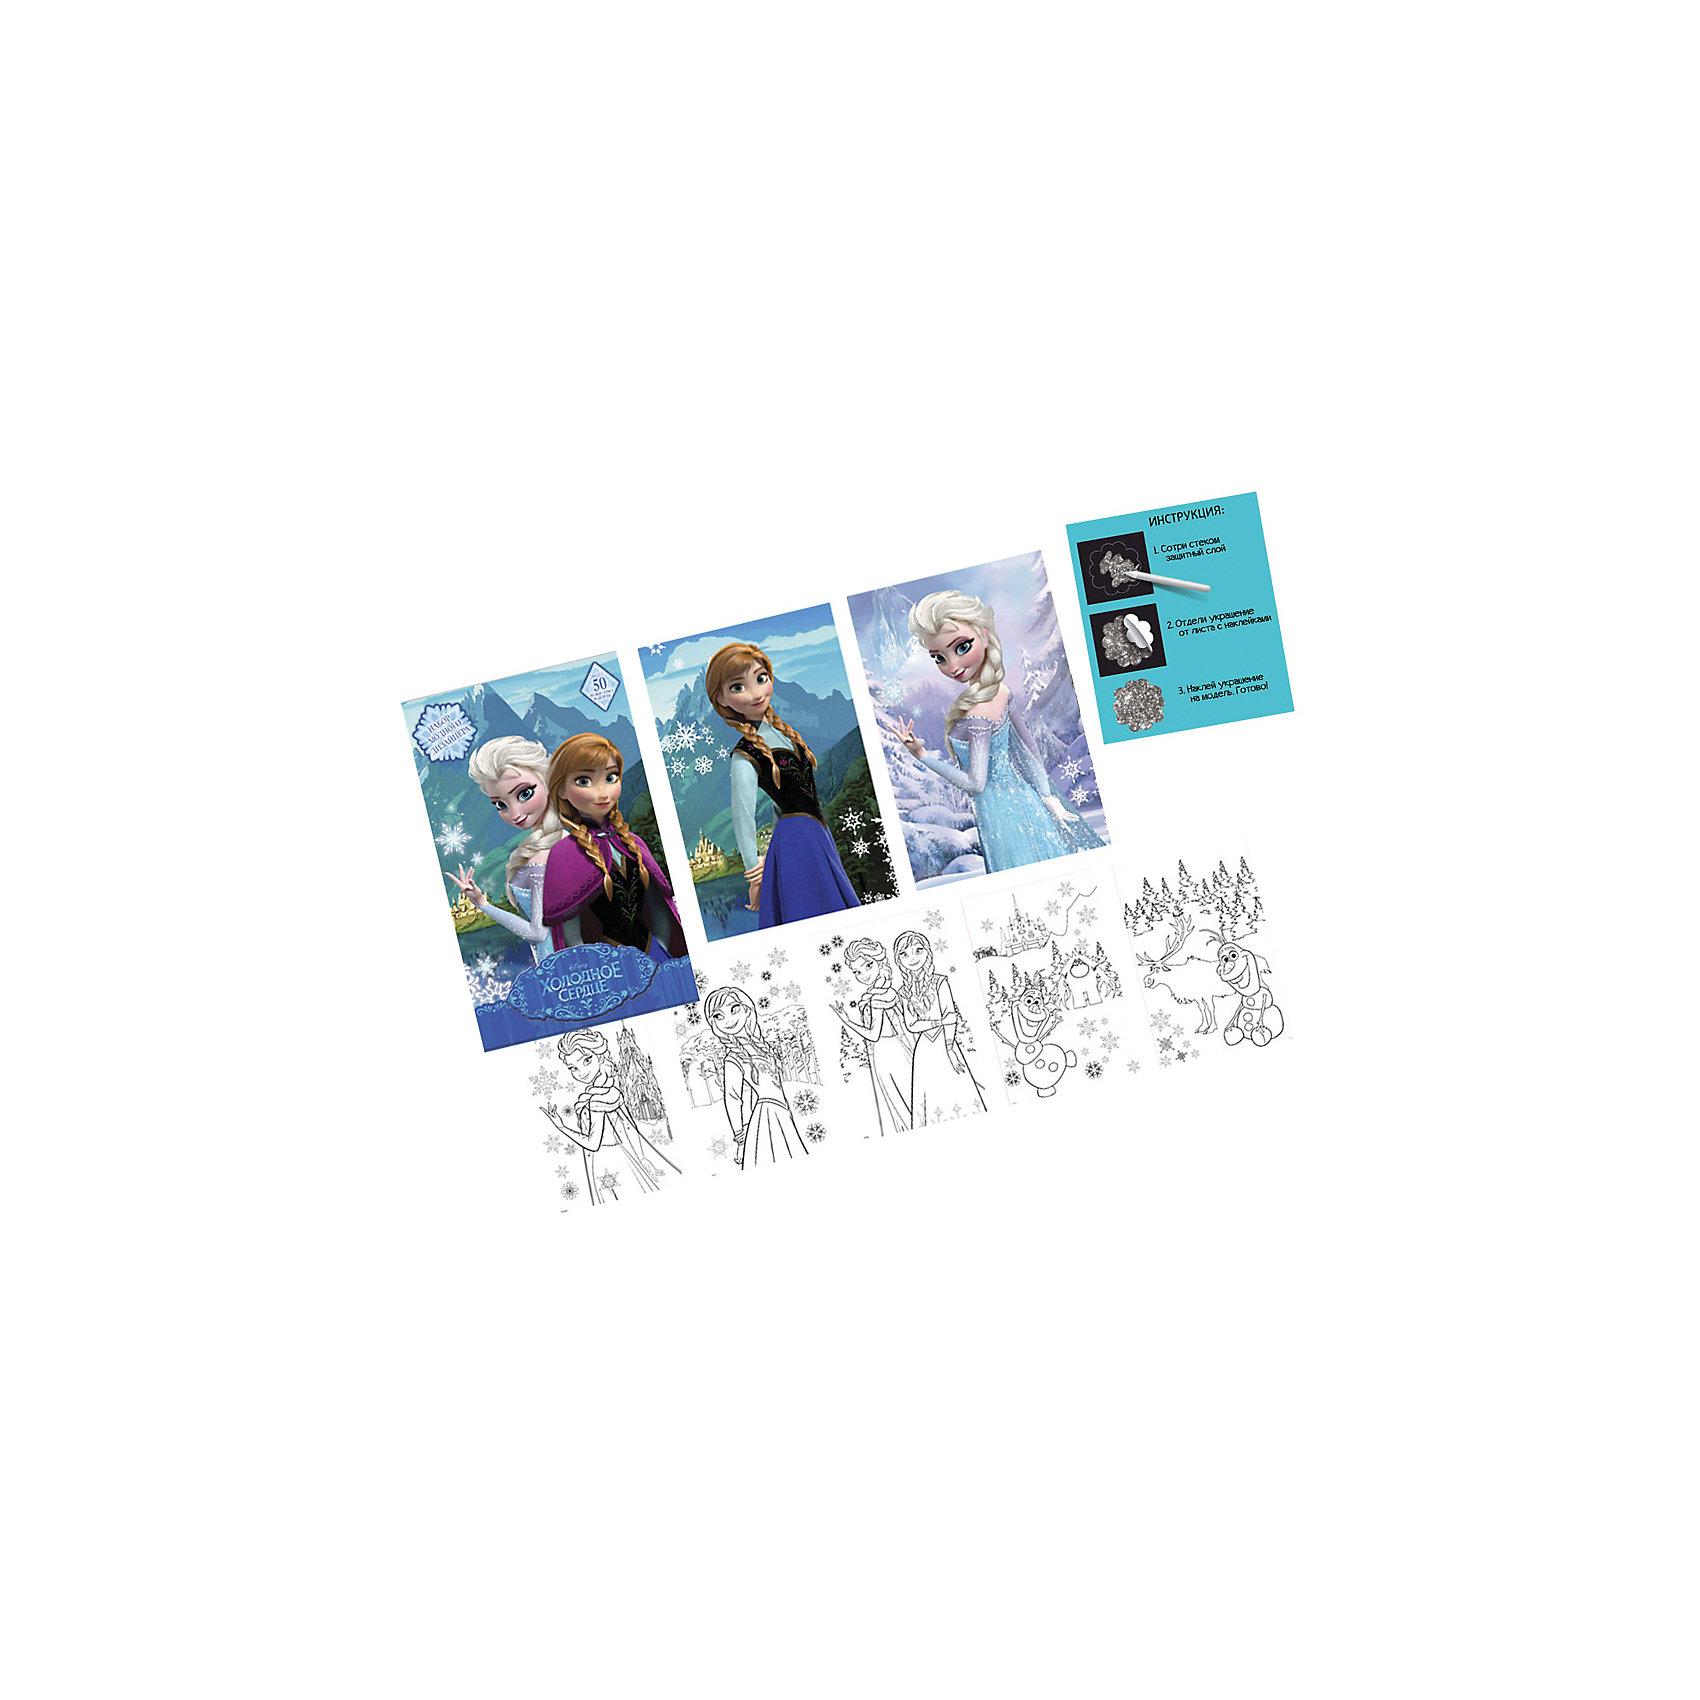 Набор модного дизайнера Холодное сердцеНабор модного дизайнера Холодное сердце<br><br>Характеристики:<br><br>- Набор для творчества;<br>- Цвет: голубой.<br><br>Набор модного дизайнера «Холодное сердце» с волшебными скретч-наклейками и пластиковым стеком и  картонным дисплеем. В наборе есть все необходимые аксессуары для увлекательного творчества: волшебные скретч-наклейки и пластиковый стек. Чтобы создать красивые картинки нужно всего лишь проявить фантазию и аккуратность! Ребенок с удовольствием будет заниматься с этим набором, а заодно развивать усидчивость, эстетический вкус и координацию движений. Такой набор, безусловно, понравится вашей девочке!<br><br>Набор модного дизайнера Холодное сердце, можно купить в нашем интернет - магазине.<br><br>Ширина мм: 275<br>Глубина мм: 5<br>Высота мм: 140<br>Вес г: 100<br>Возраст от месяцев: 48<br>Возраст до месяцев: 144<br>Пол: Женский<br>Возраст: Детский<br>SKU: 5390316